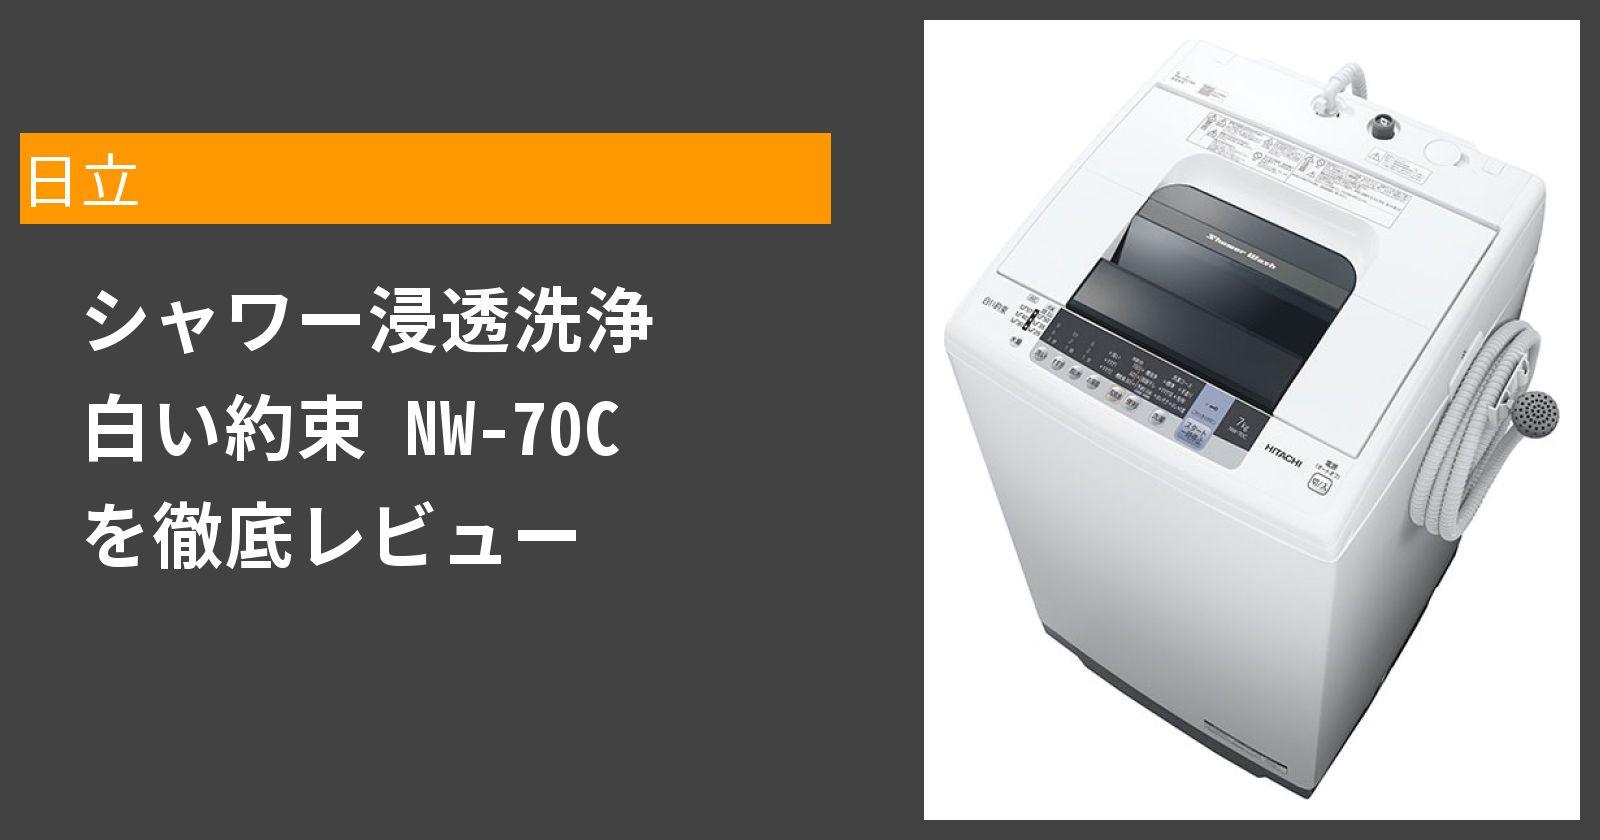 シャワー浸透洗浄 白い約束 NW-70Cを徹底評価